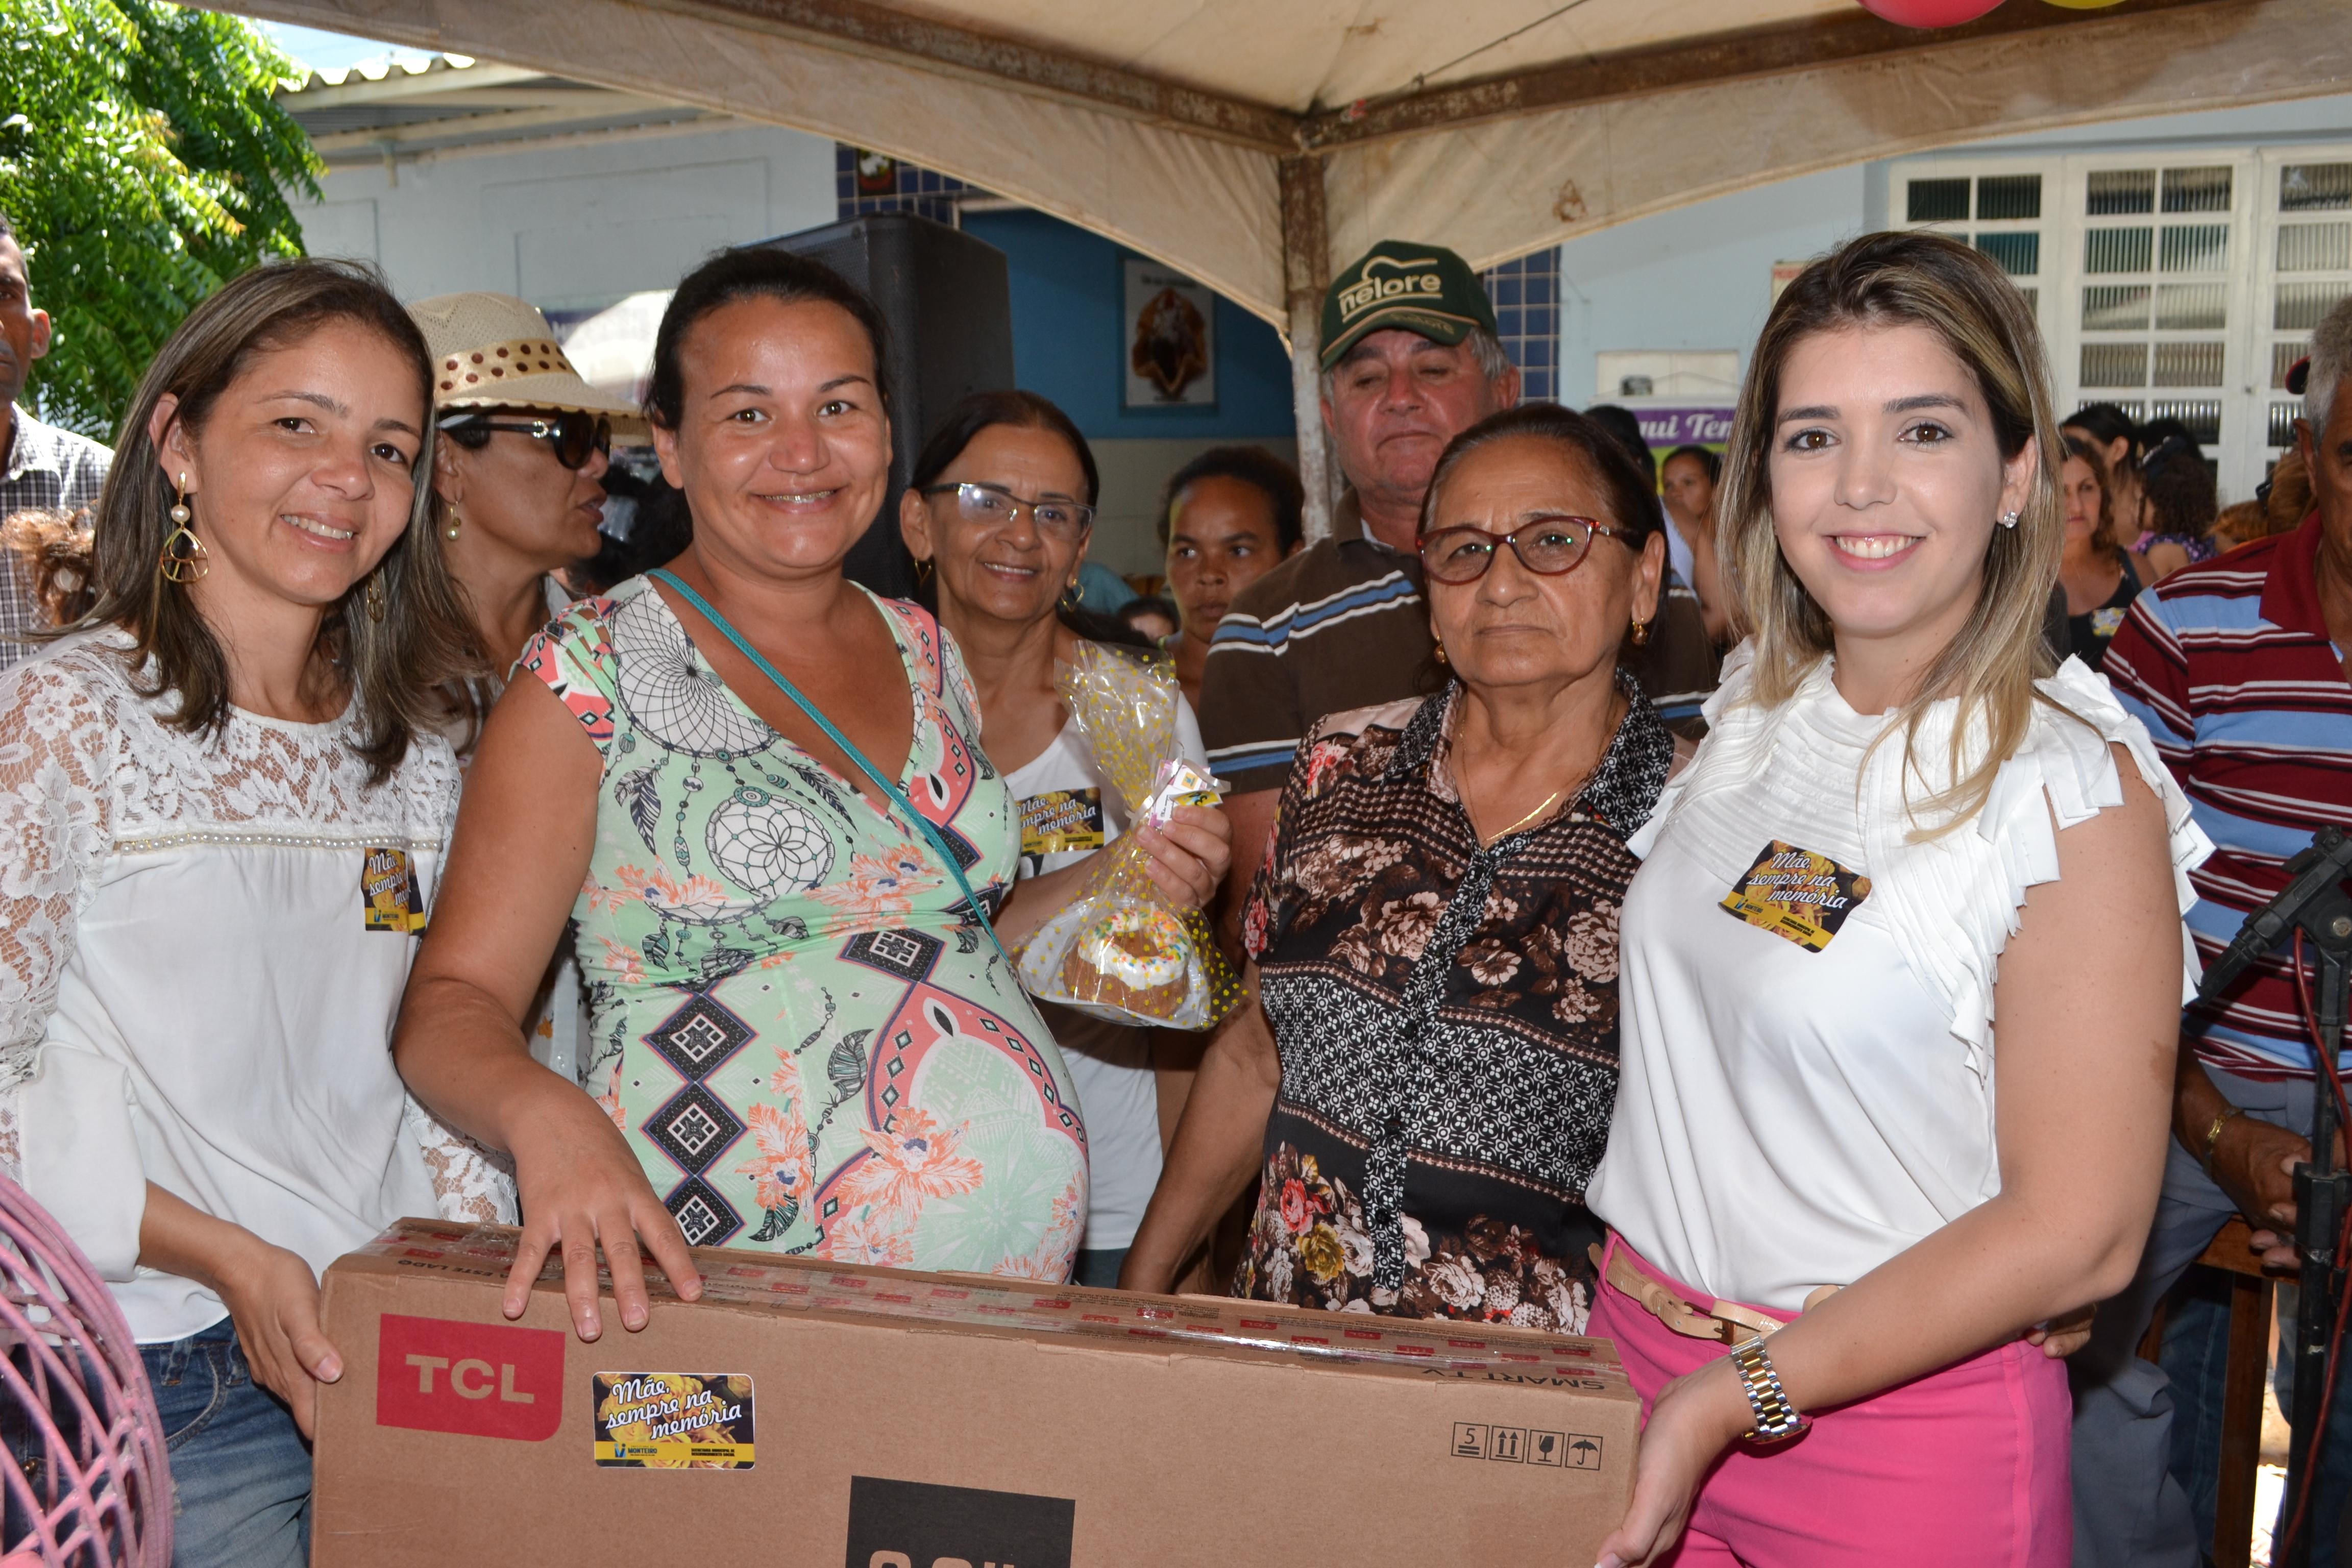 Dia-das-mães-20171 Café da Manhã e outras atividades marcam comemoração do Dia das Mães em Monteiro